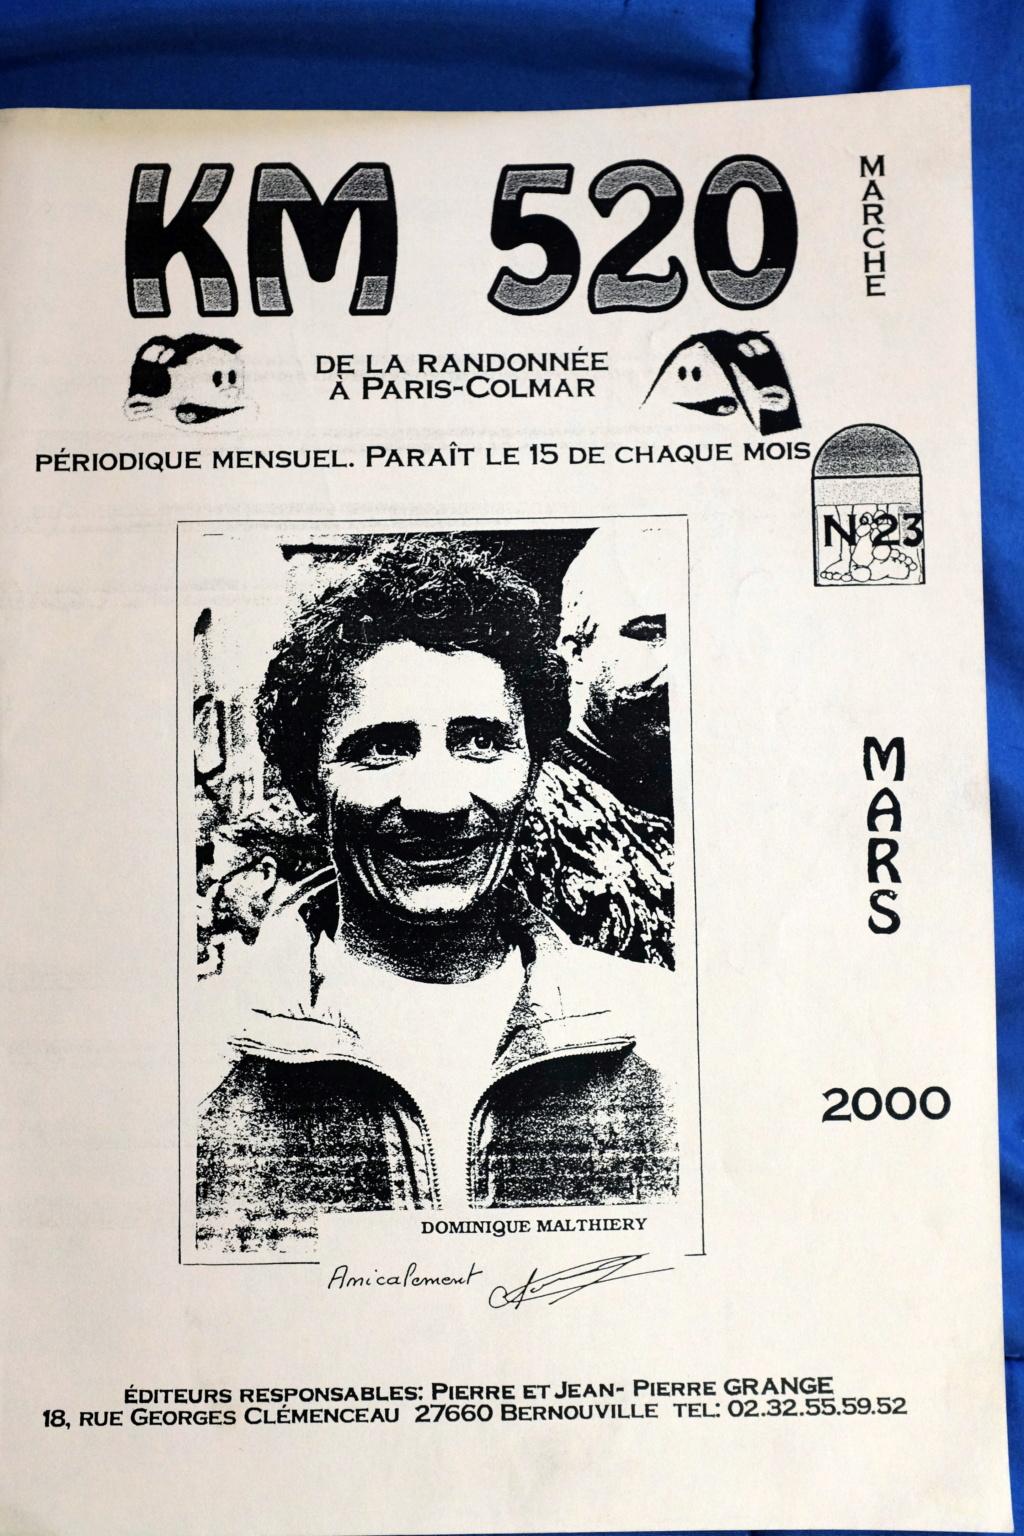 Le KM520 et ses éditos 1998-2009 - Page 2 Dscf0456